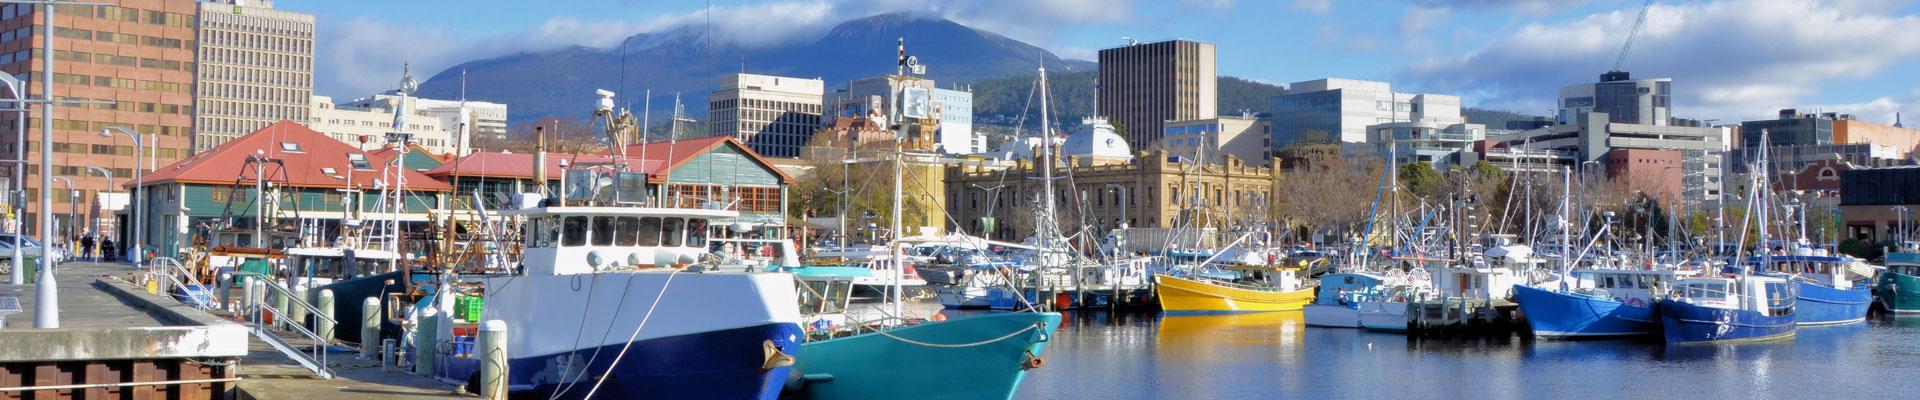 SACE Hobart